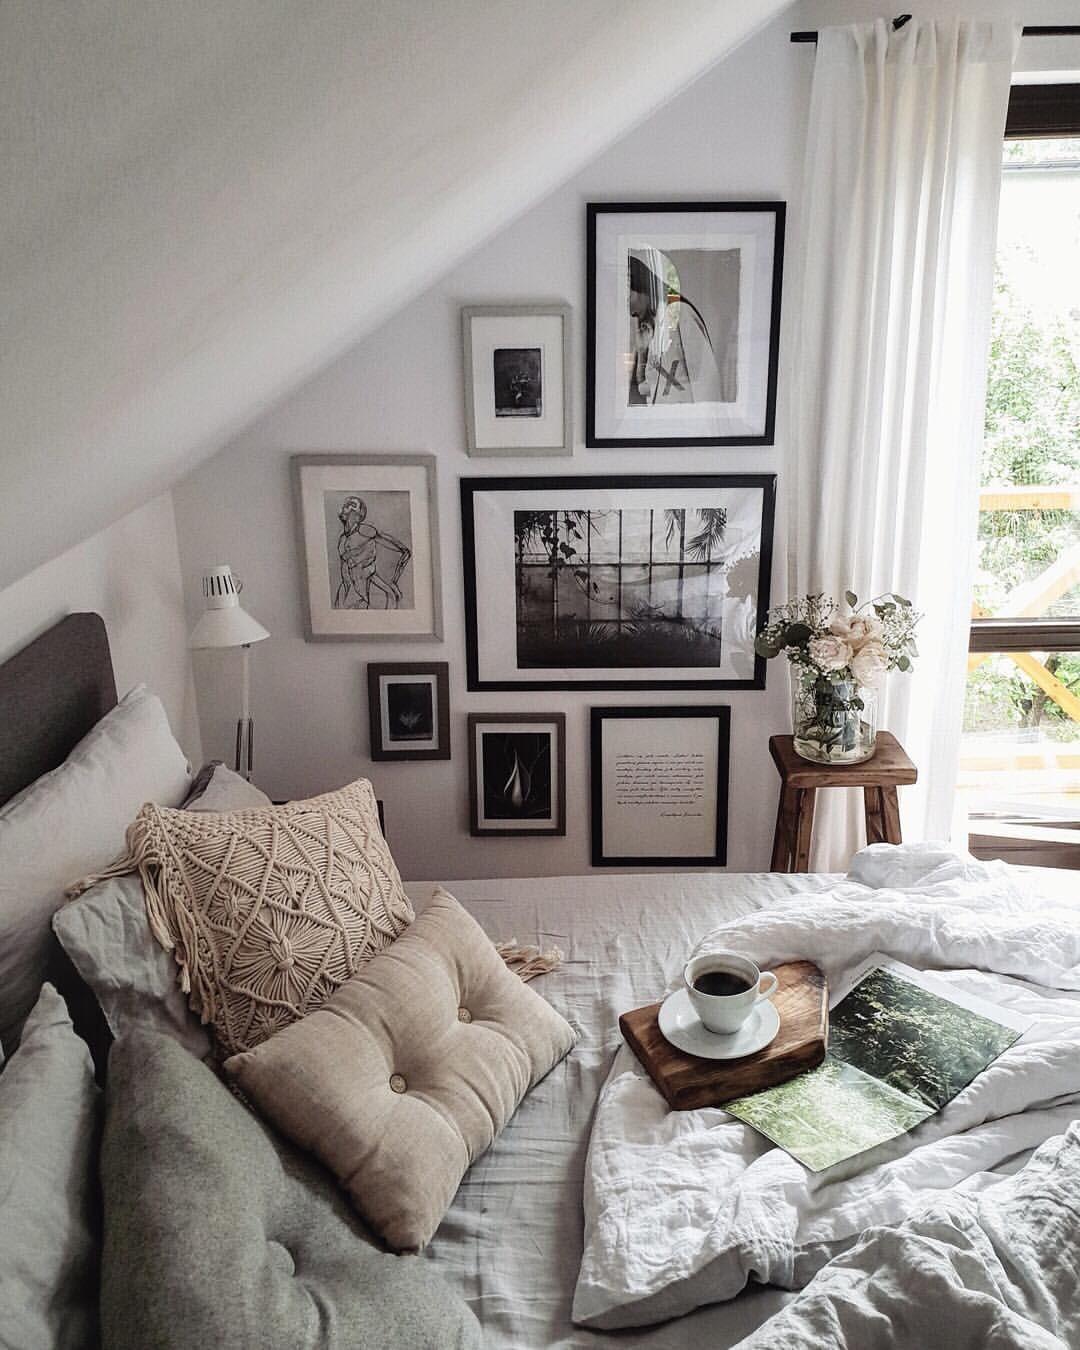 Wie Kuschelig Unter Der Dachschräge Bei Marzena Marideko Mywestwingstyle Schlafzimmer Einrichten Ideen Schlafzimmer Einrichten Zimmer Einrichten